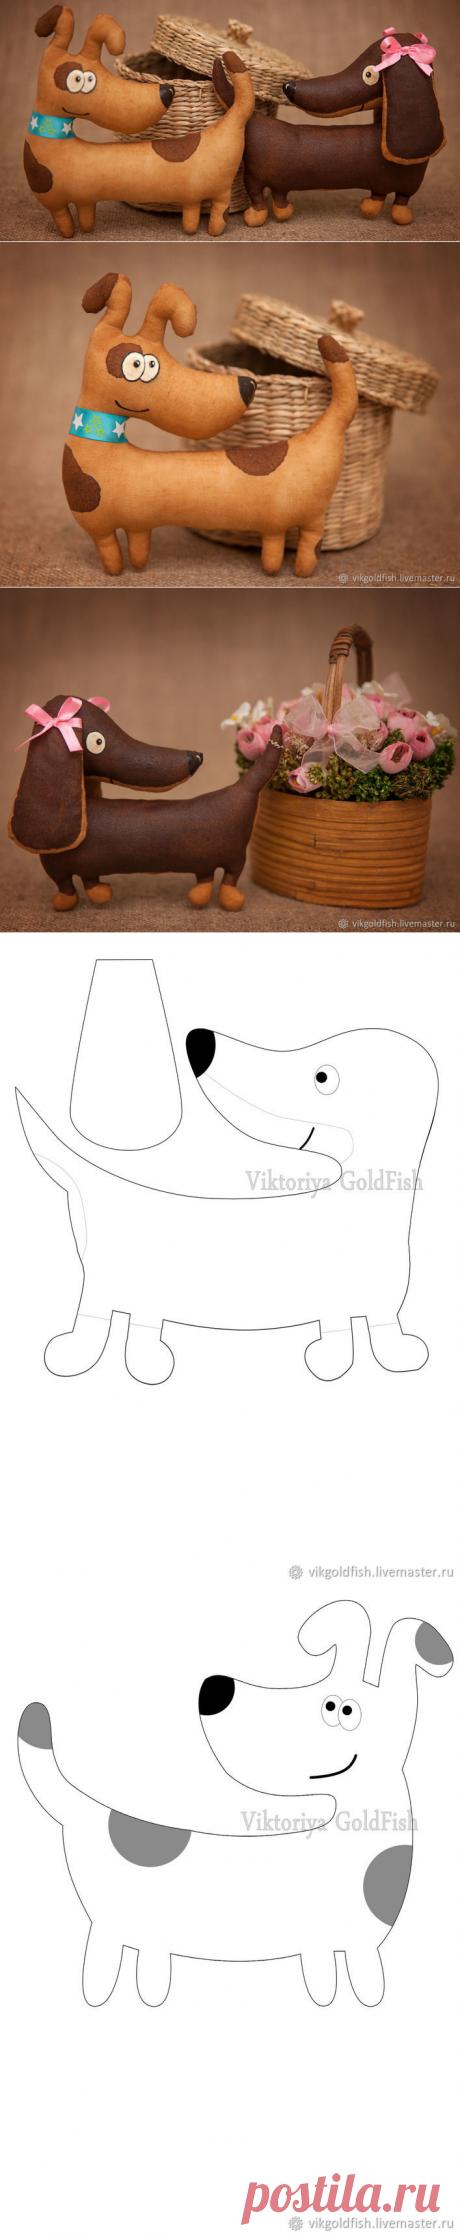 Шьем кофейных собачек — символ 2018 года - Ярмарка Мастеров - ручная работа, handmade